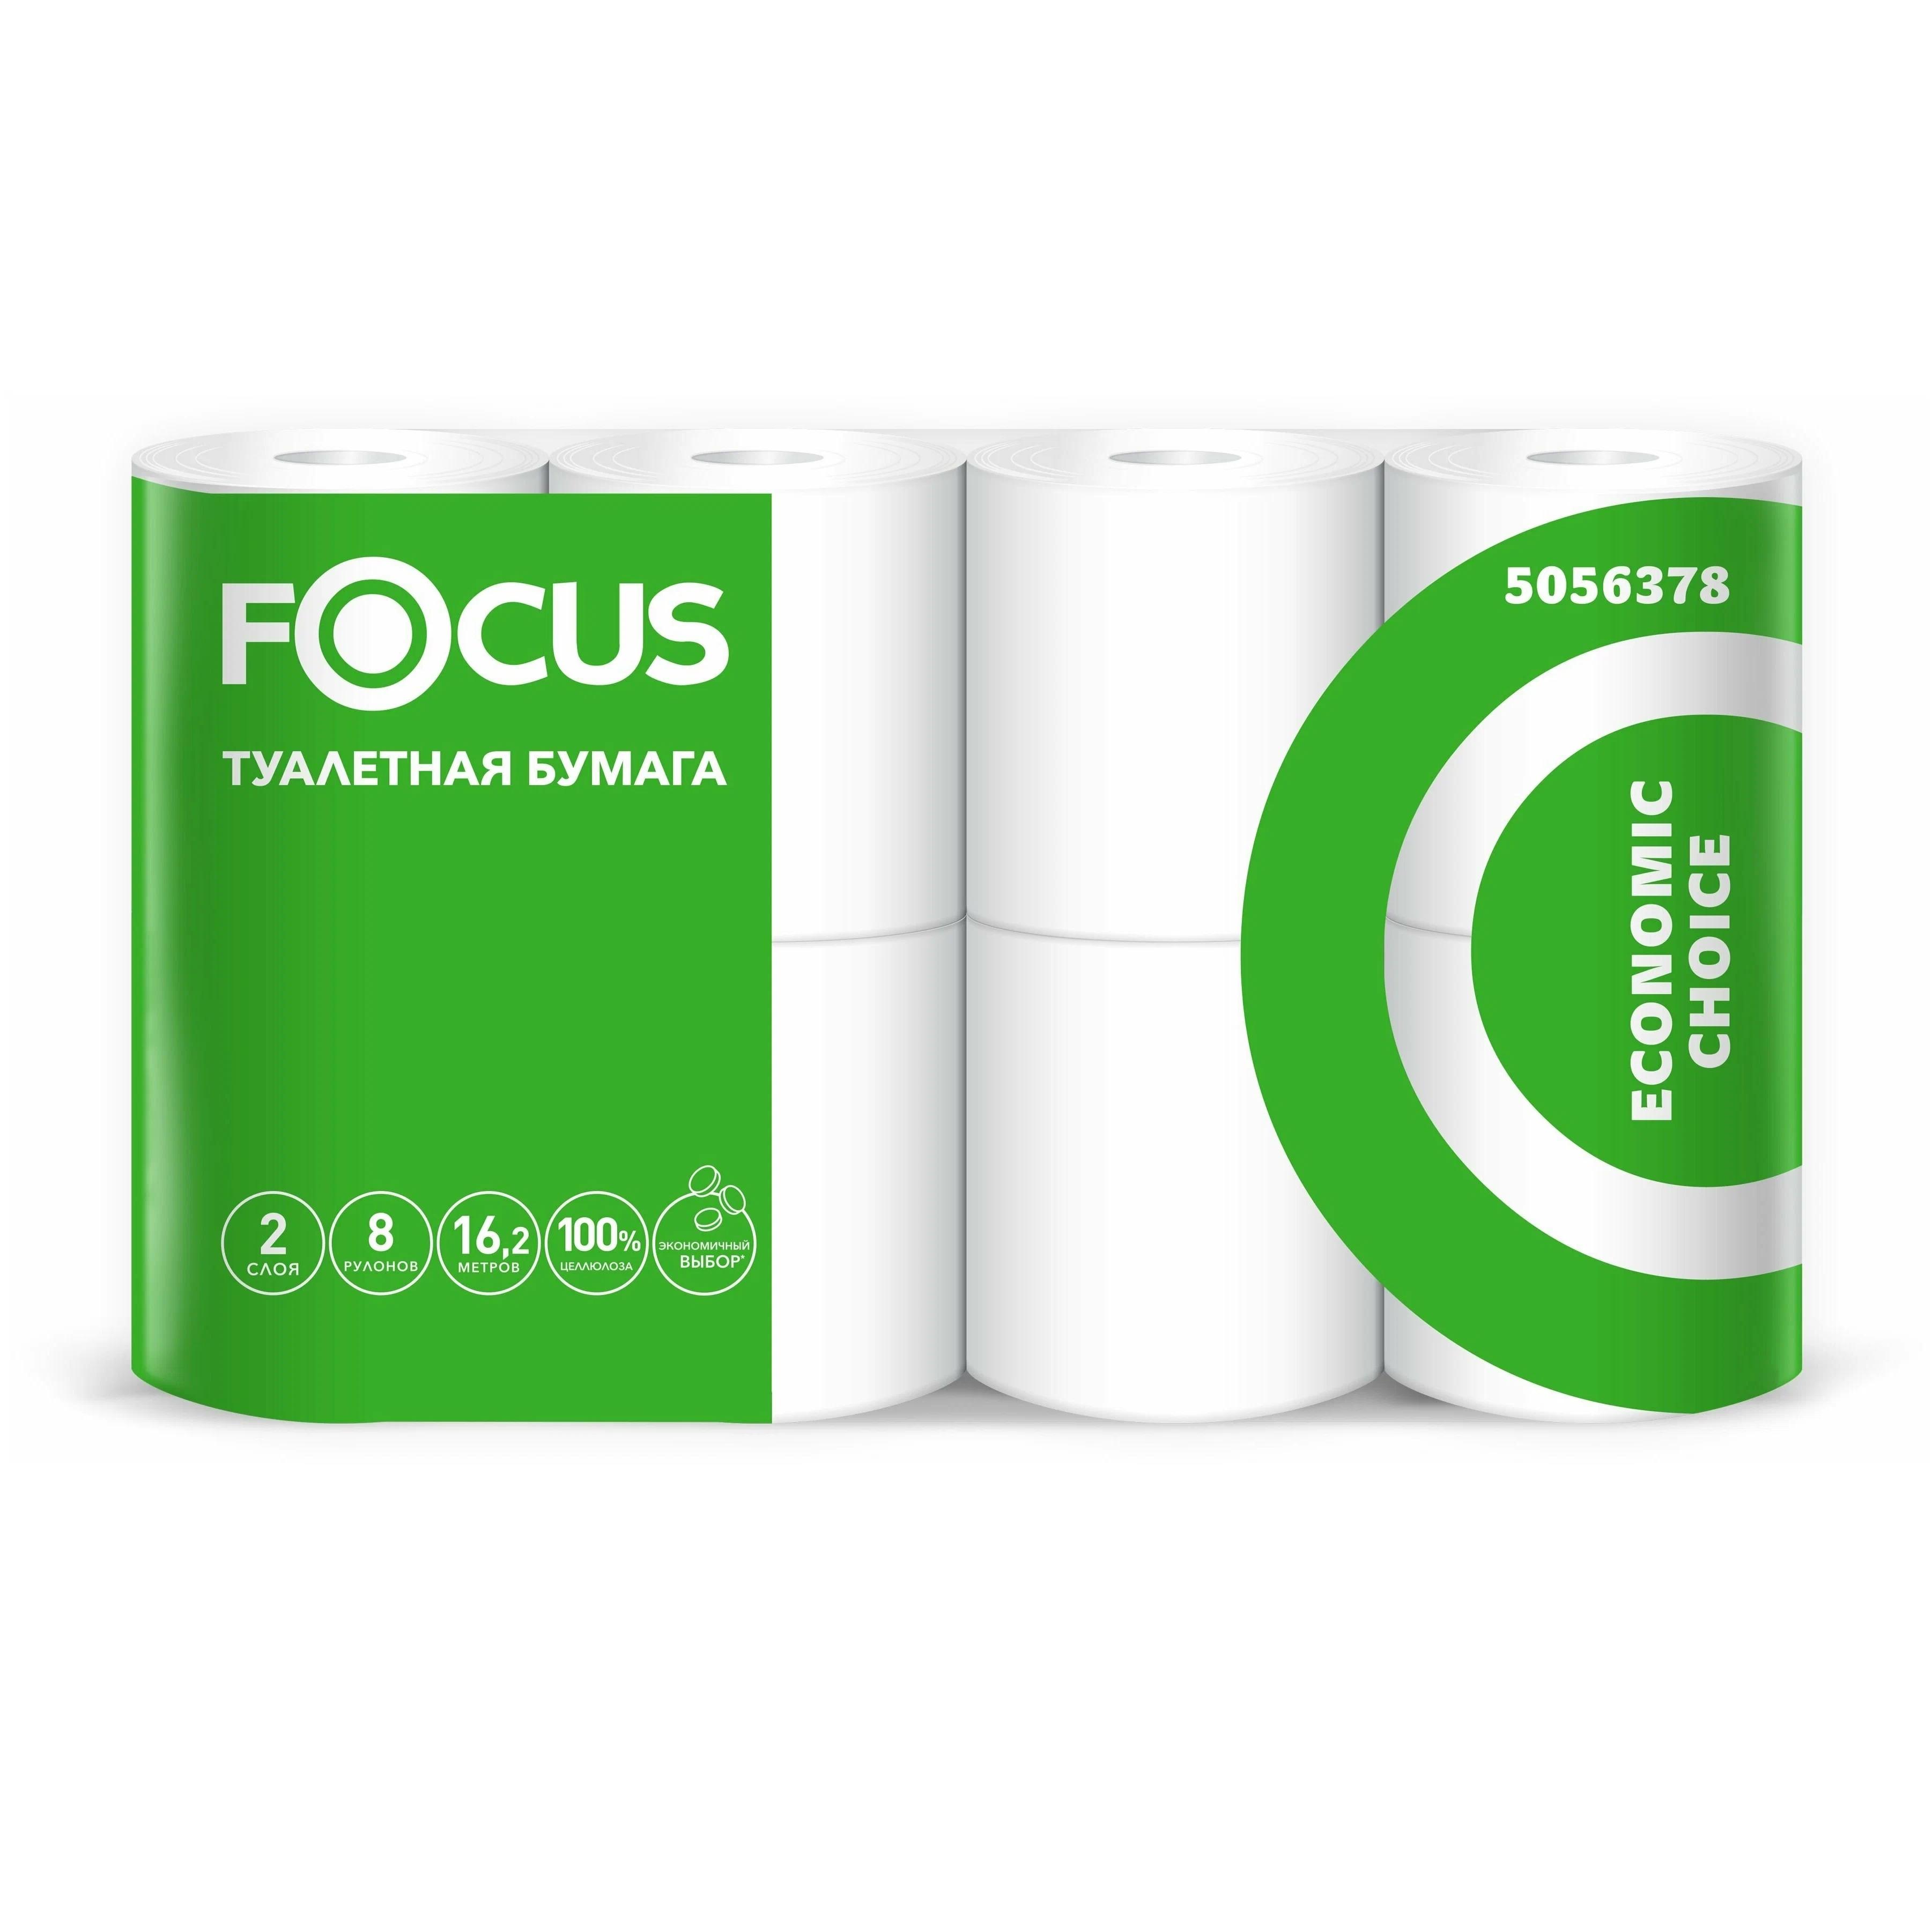 Бумага туалетная Focus Economic Choise, 17м/рул, 2-сл, белая, 8рул/уп